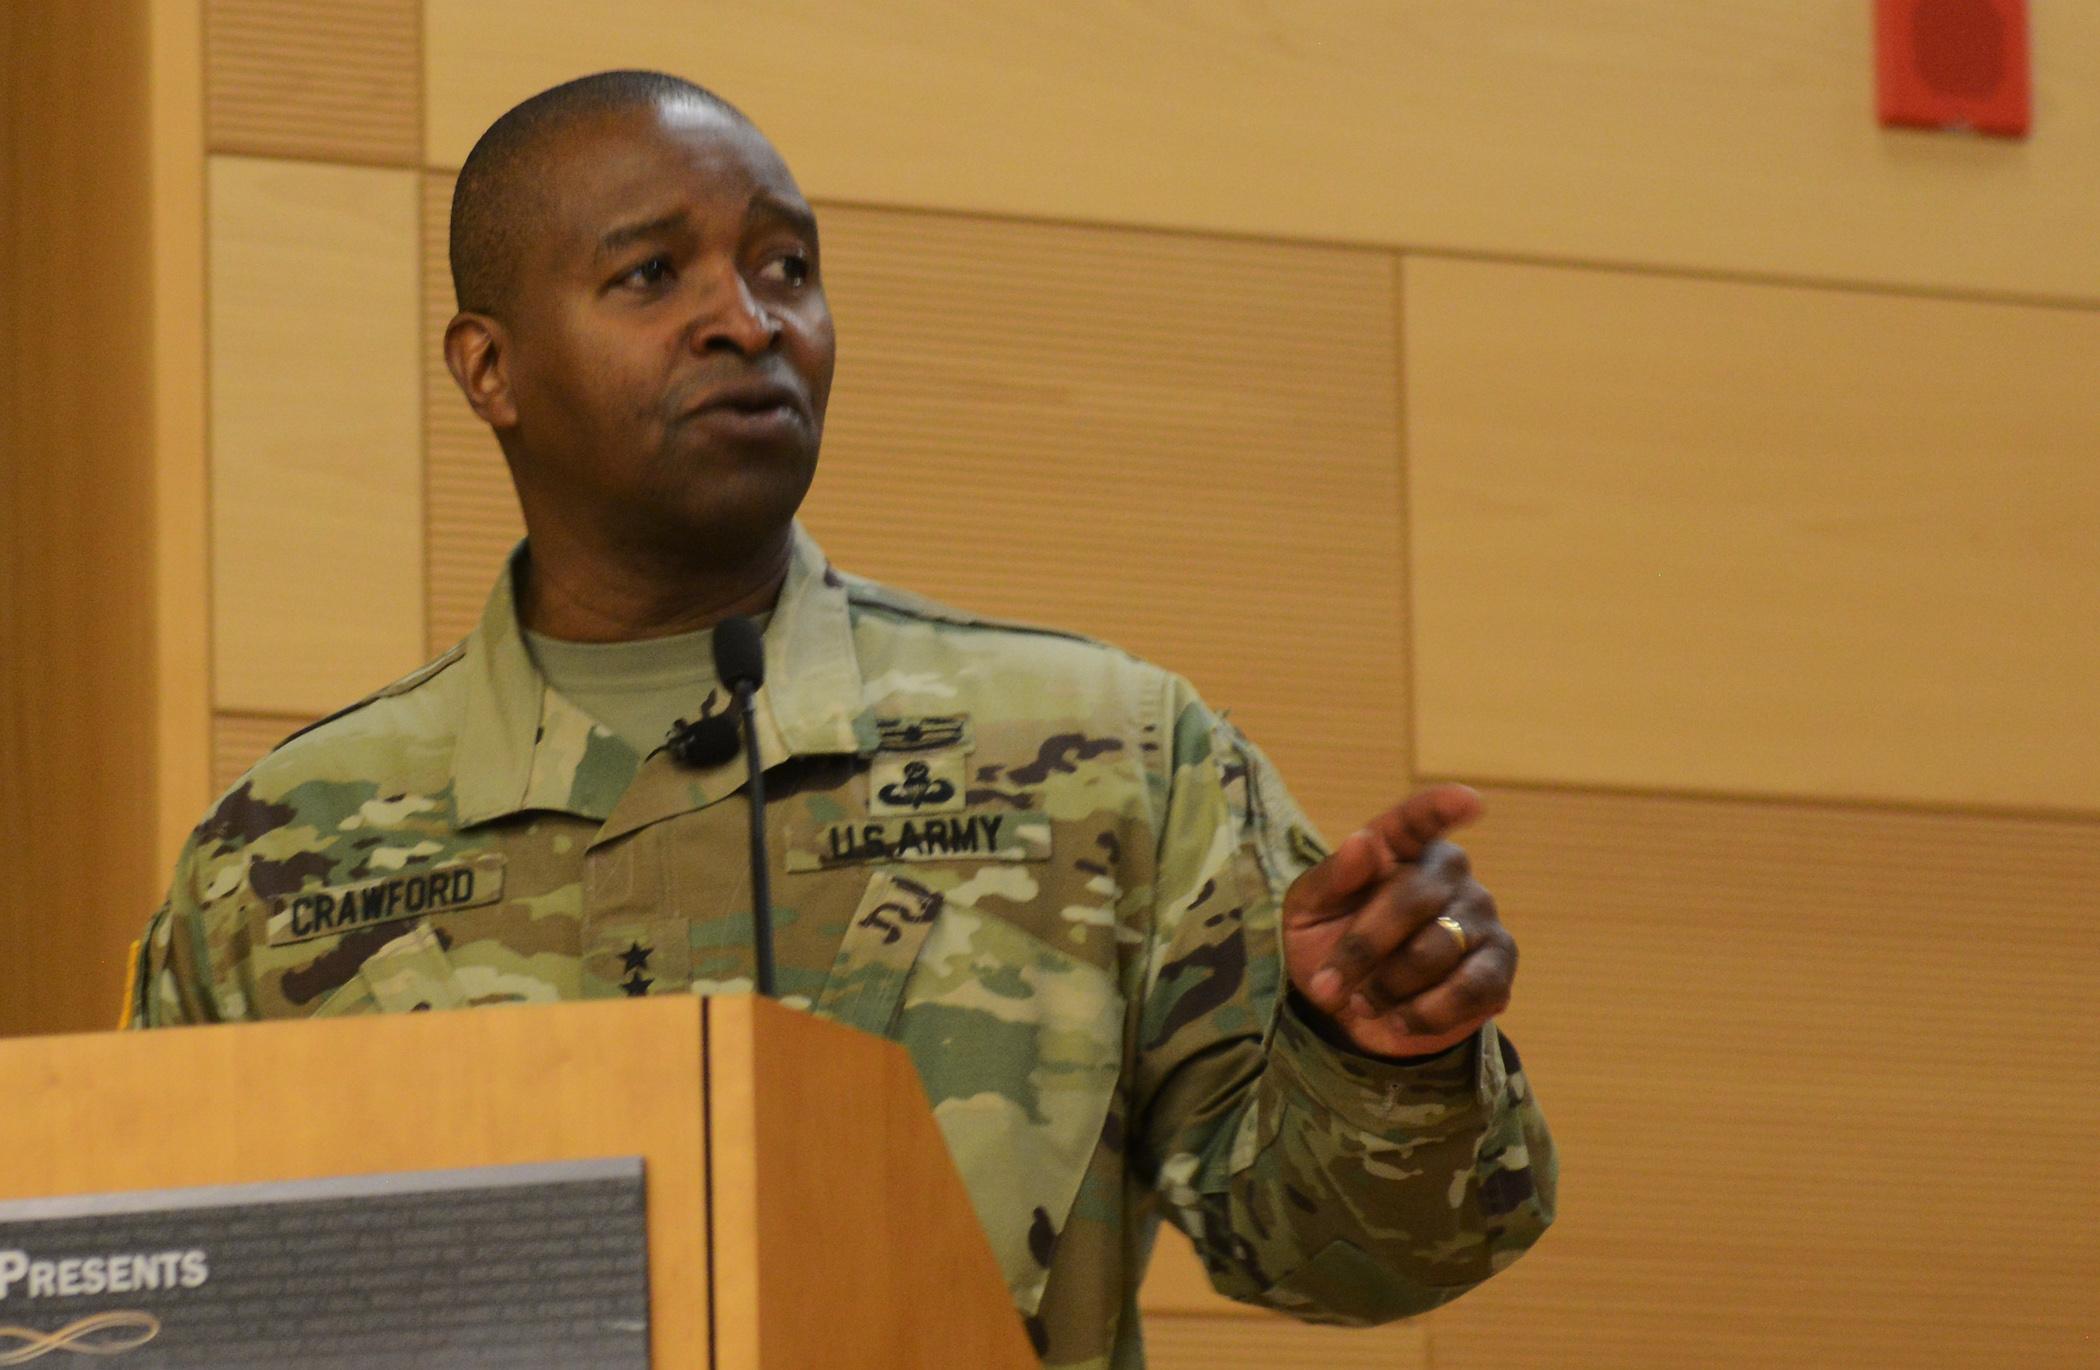 Bruce Crawford, Army